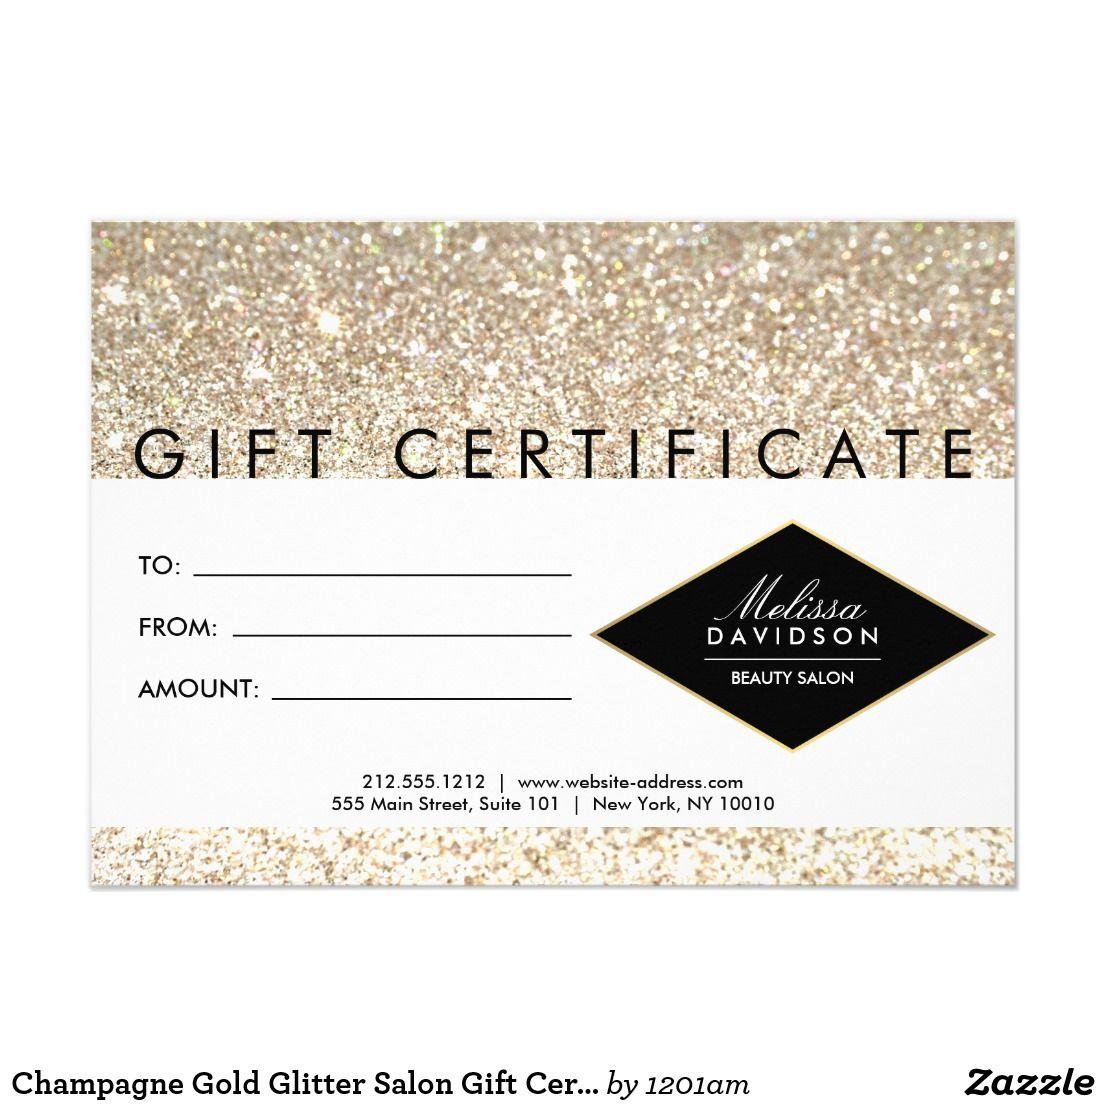 Champagne Gold Glitter Salon Gift Certificate  Zazzle.ca  Salon